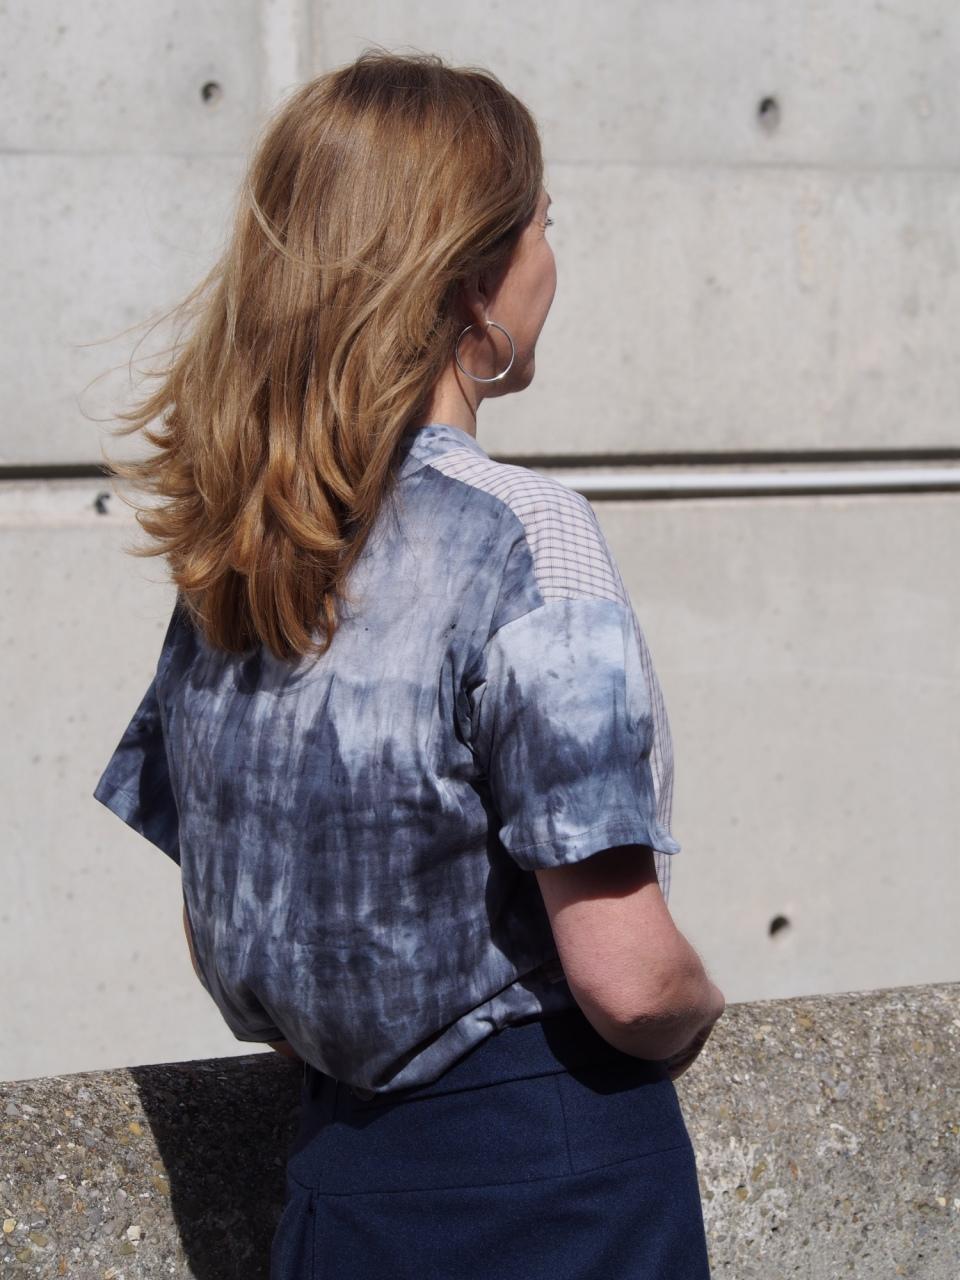 T-shirt en coton de chemise vintage et maille de fin de série, pièce unique / 2018